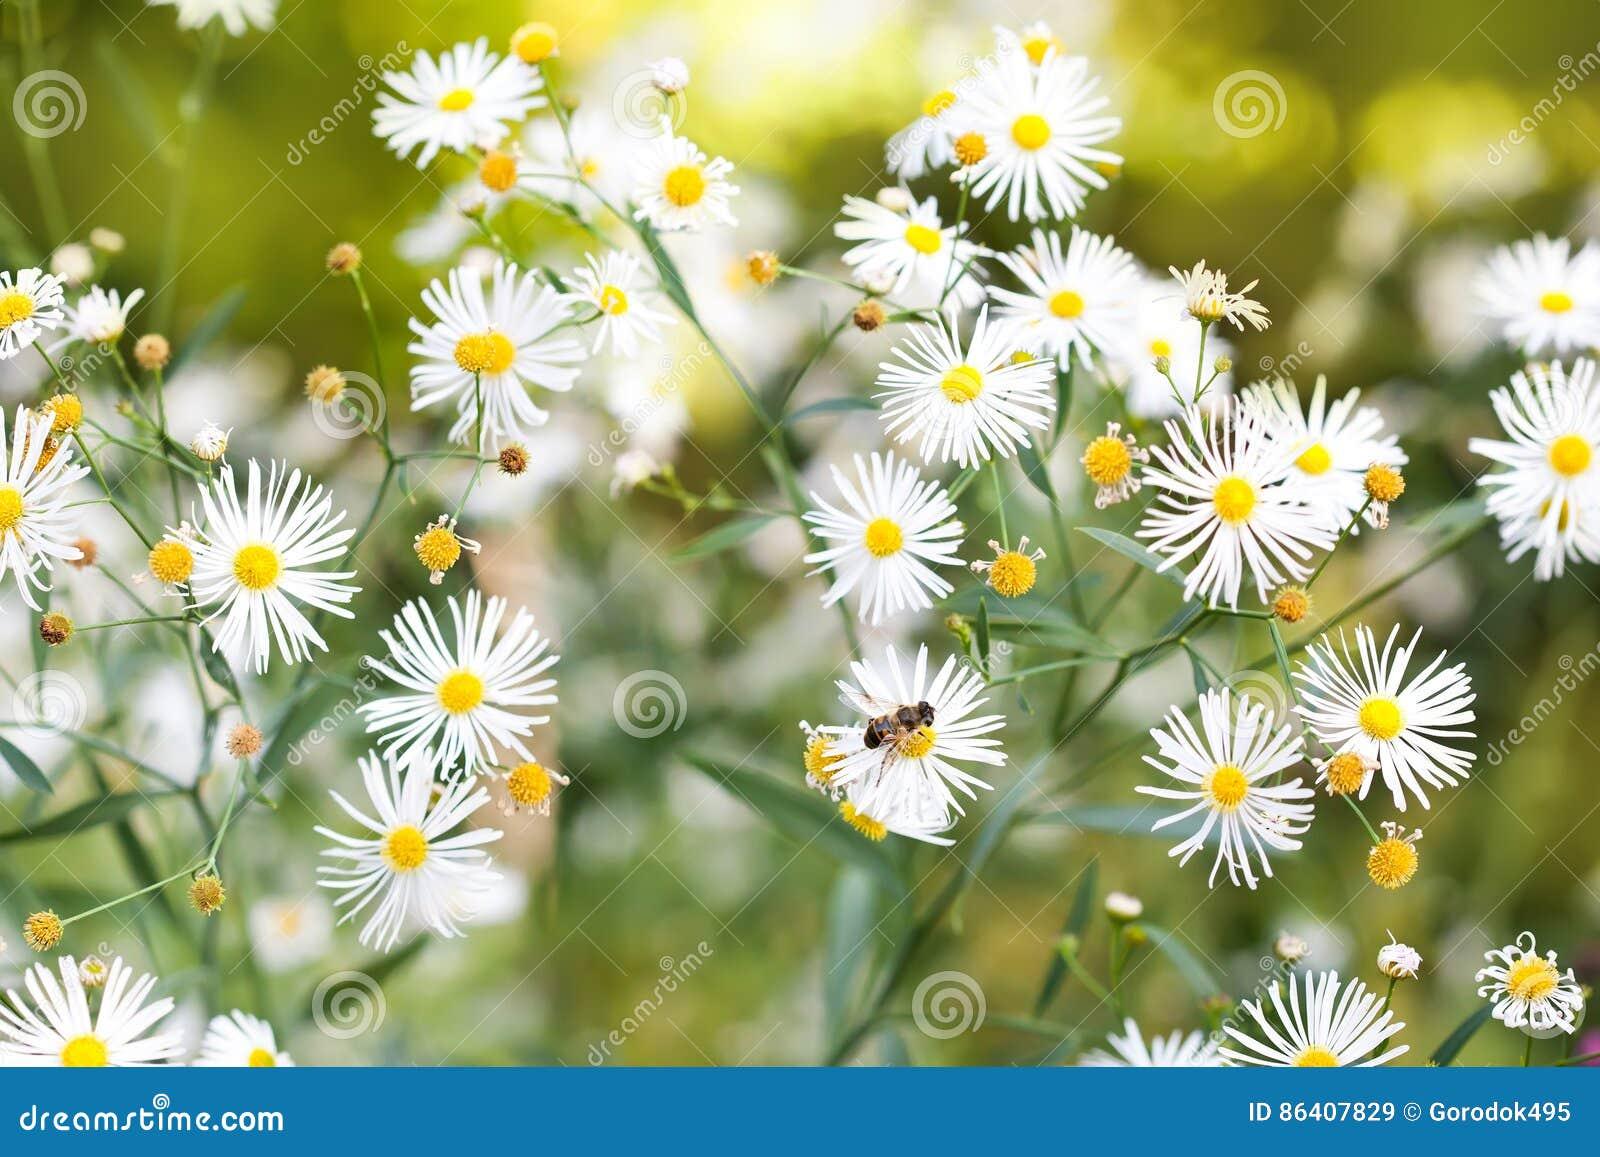 Petites fleurs blanches dans le jardin champ des fleurs de for Jardin de fleurs blanches